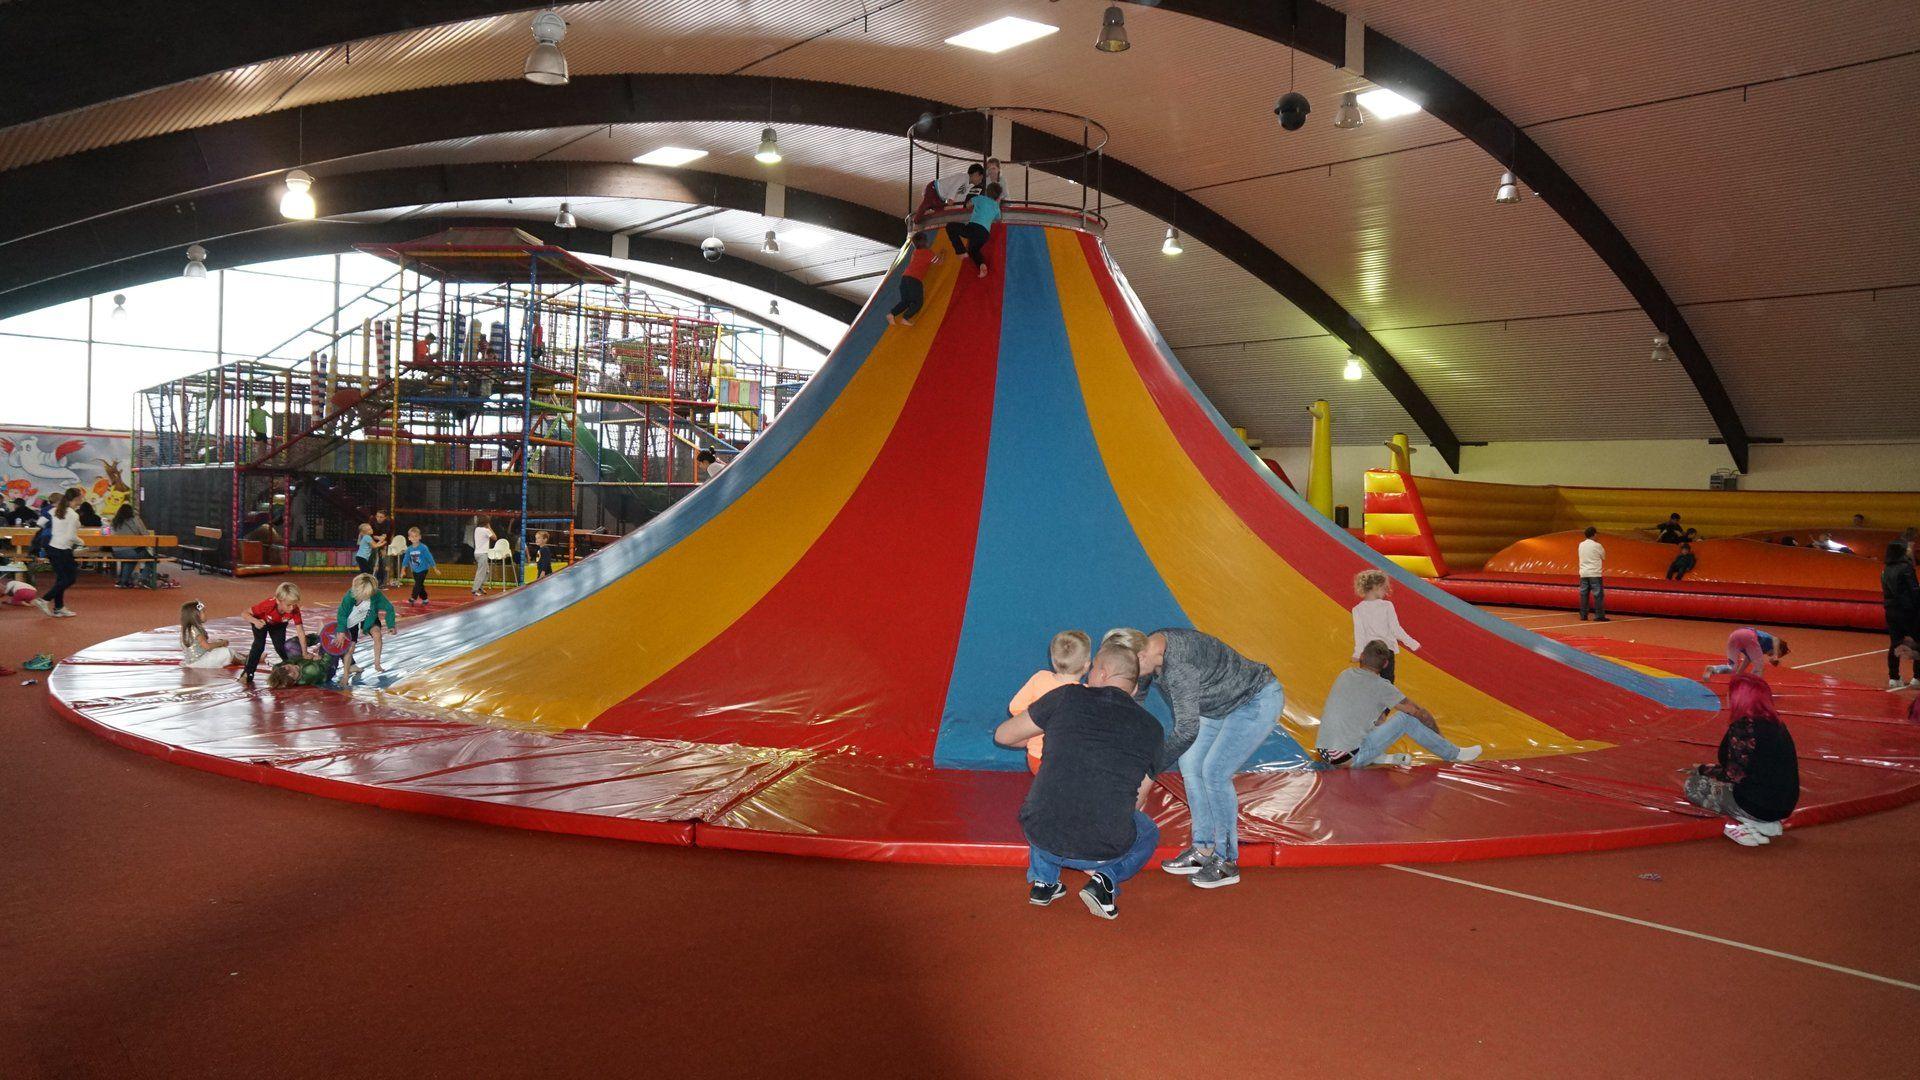 Indoorspielplatz Rheinland Pfalz